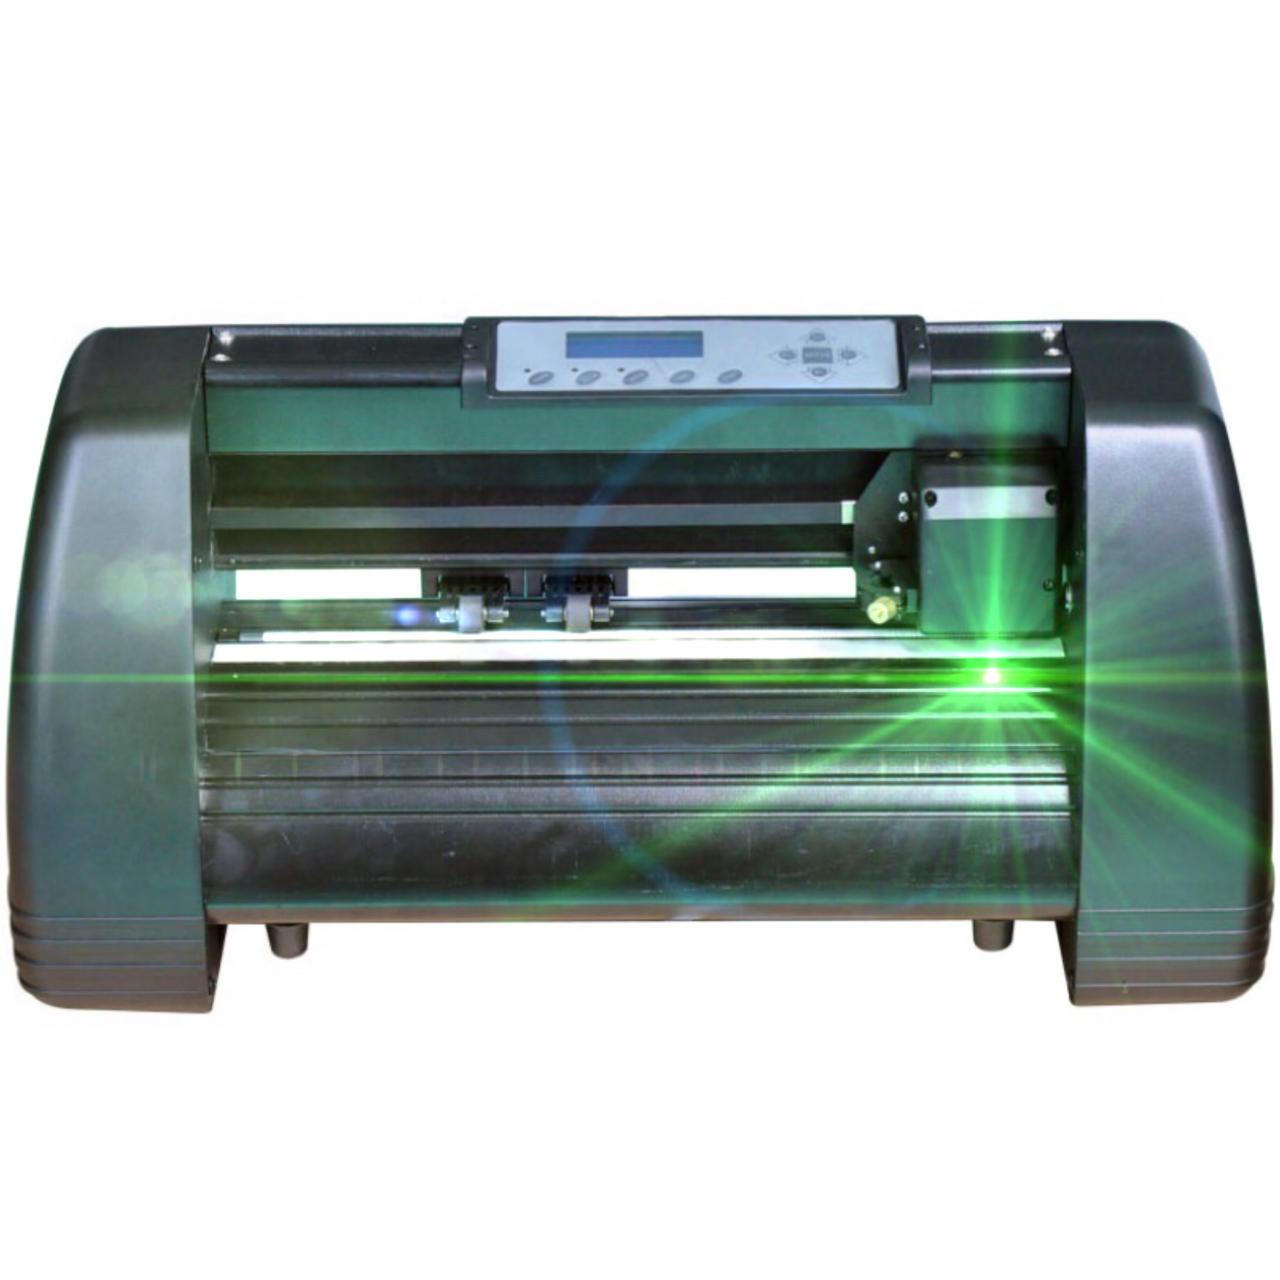 Desktop Vinyl Cutter Plotter New Sign Cutting Pro Optical